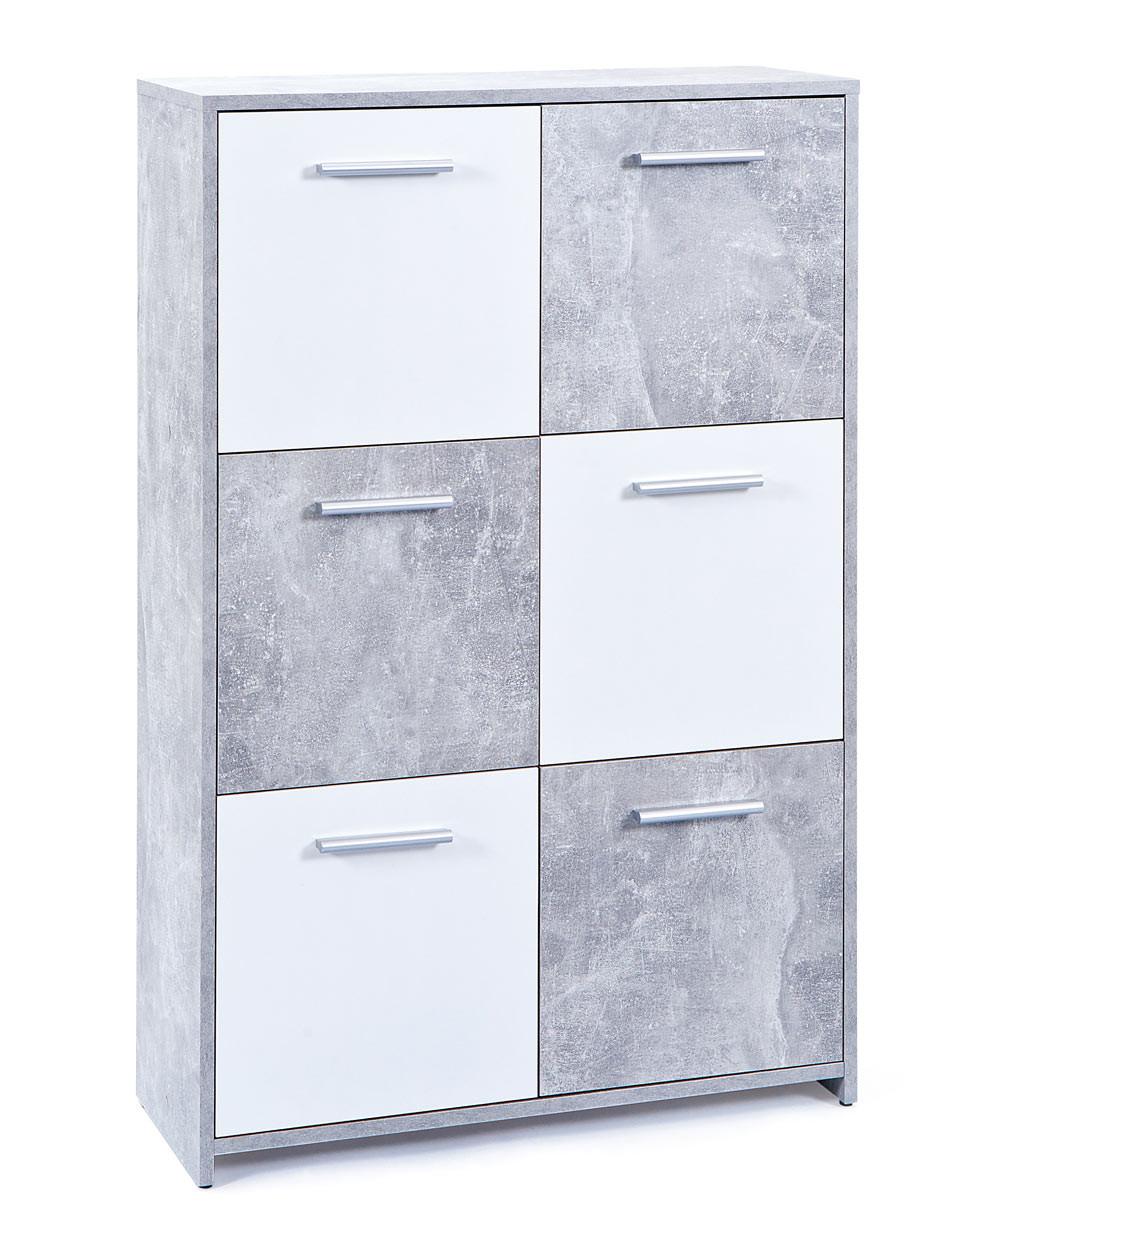 Meuble de rangement contemporain 77 cm blanc/beton Colibri I